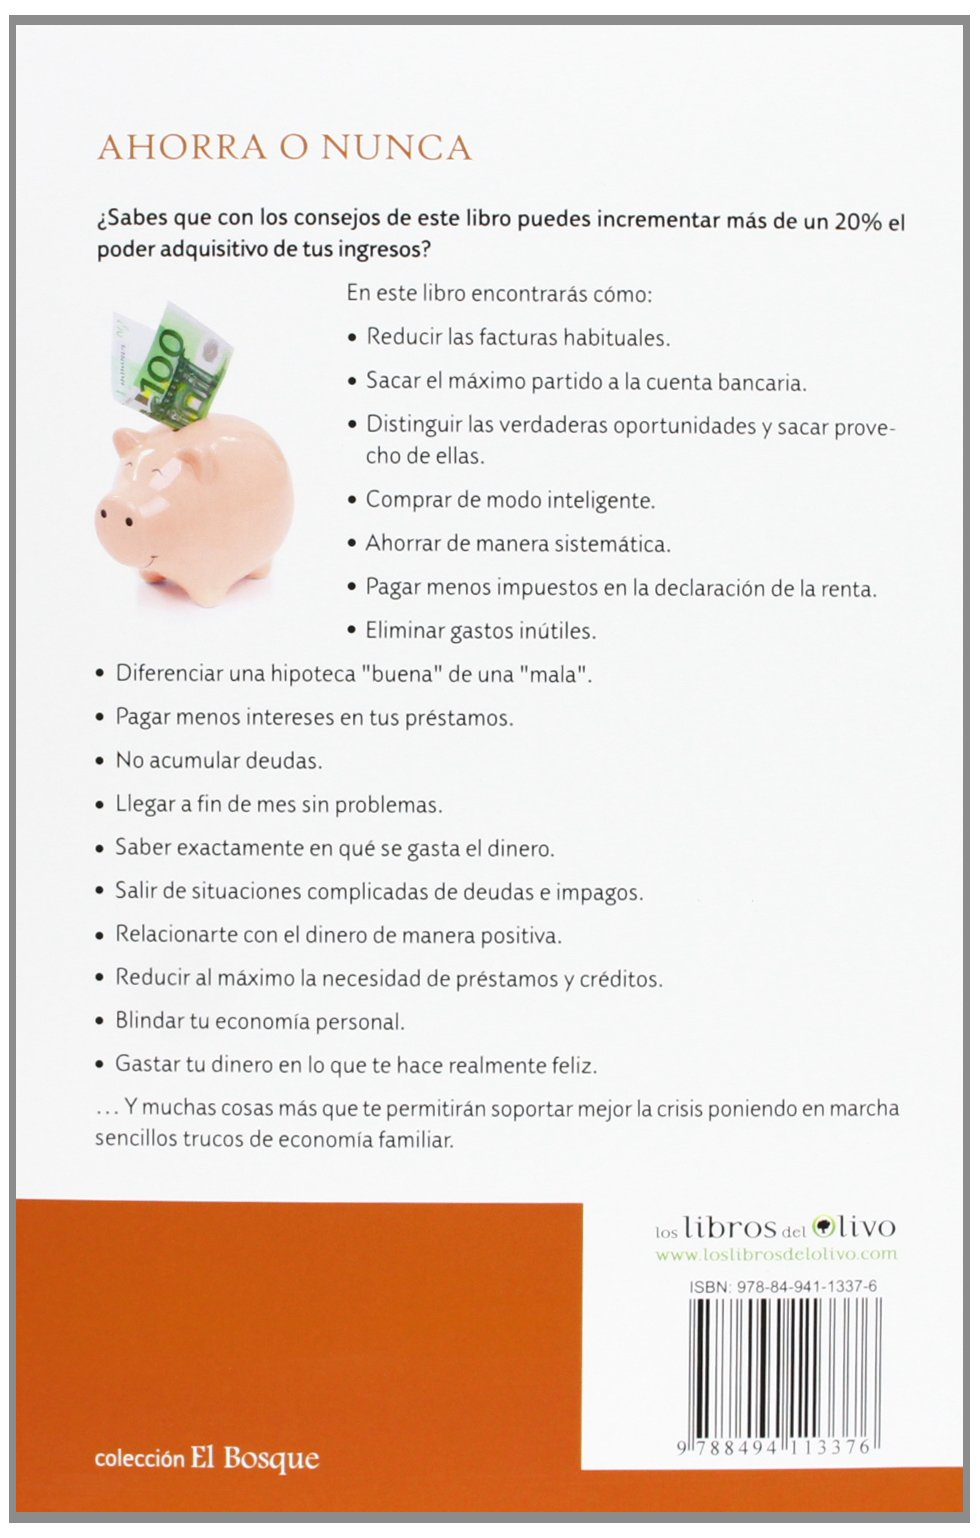 Ahorra O Nunca. Cómo Ahorrar Y Sacar El Máximo Partido A Tu Dinero El Bosque: Amazon.es: Borja Pascual: Libros